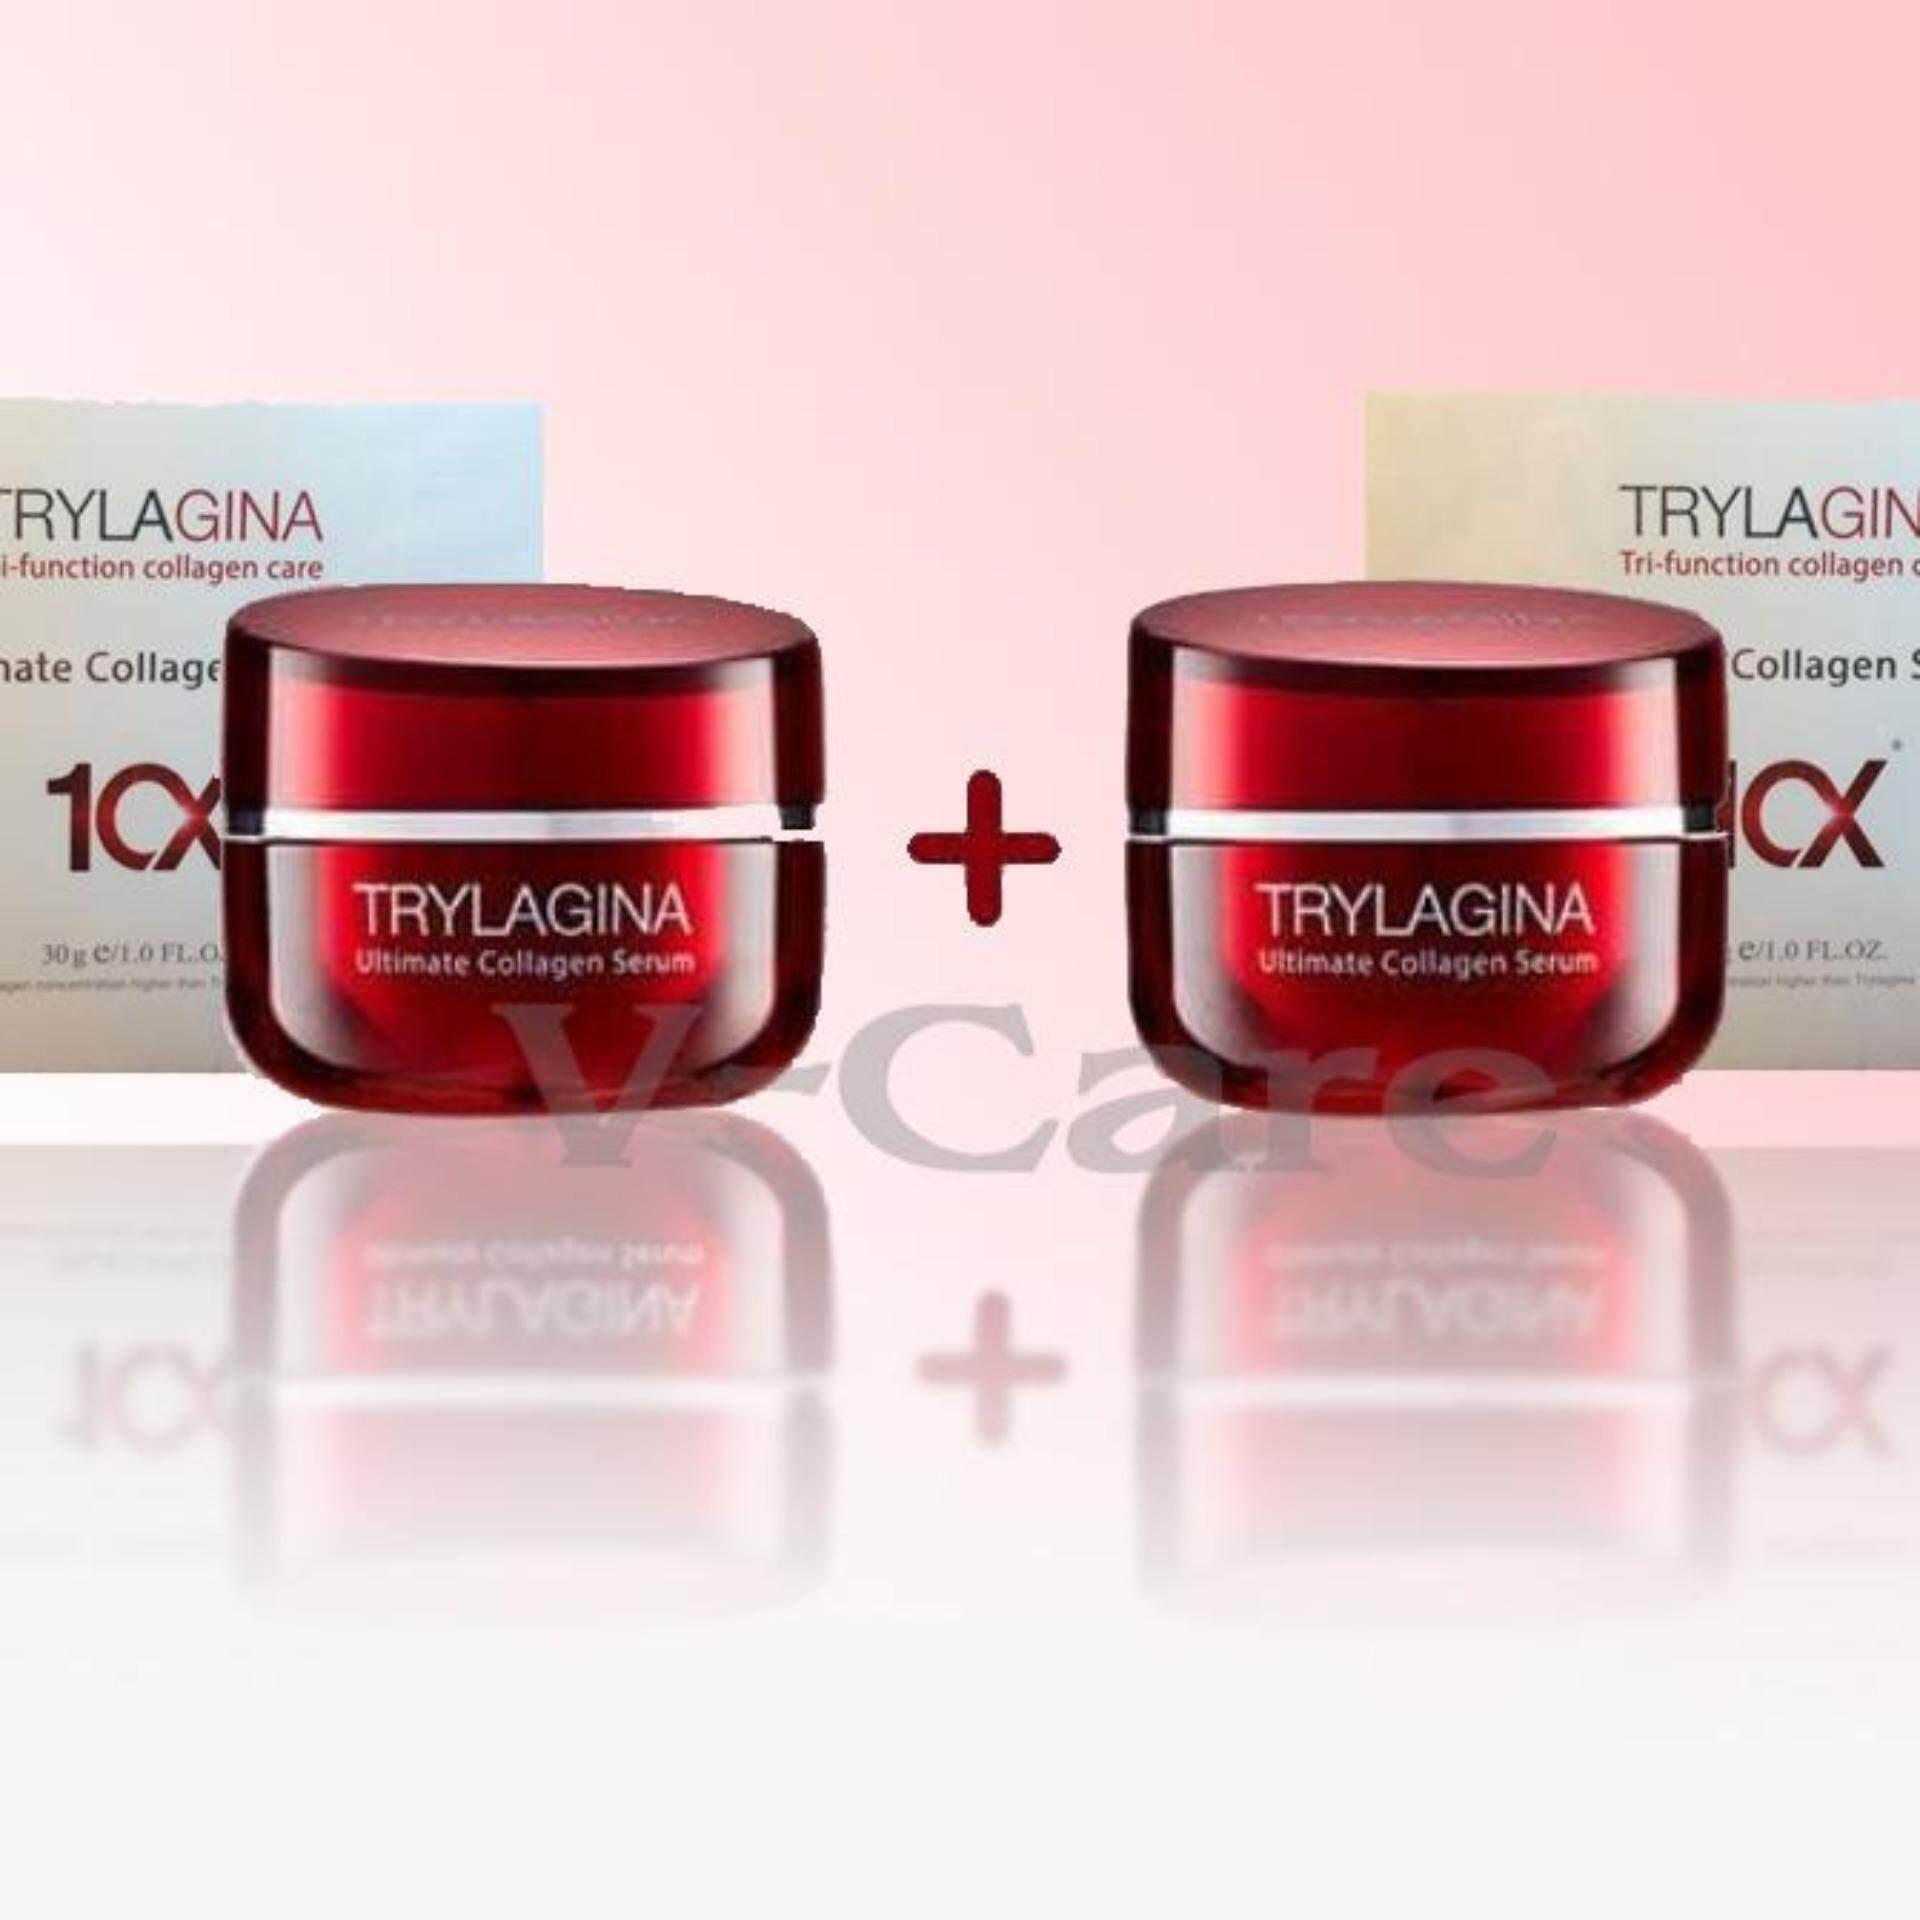 ( 2 กระปุก ) TRYLAGINA Ultimate Collagen Serum 10X ไตลาจิน่า เซรั่มคอลลาเจนบำรุงผิวหน้าแบบเข้มข้น 10x ขนาด 30 กรัม